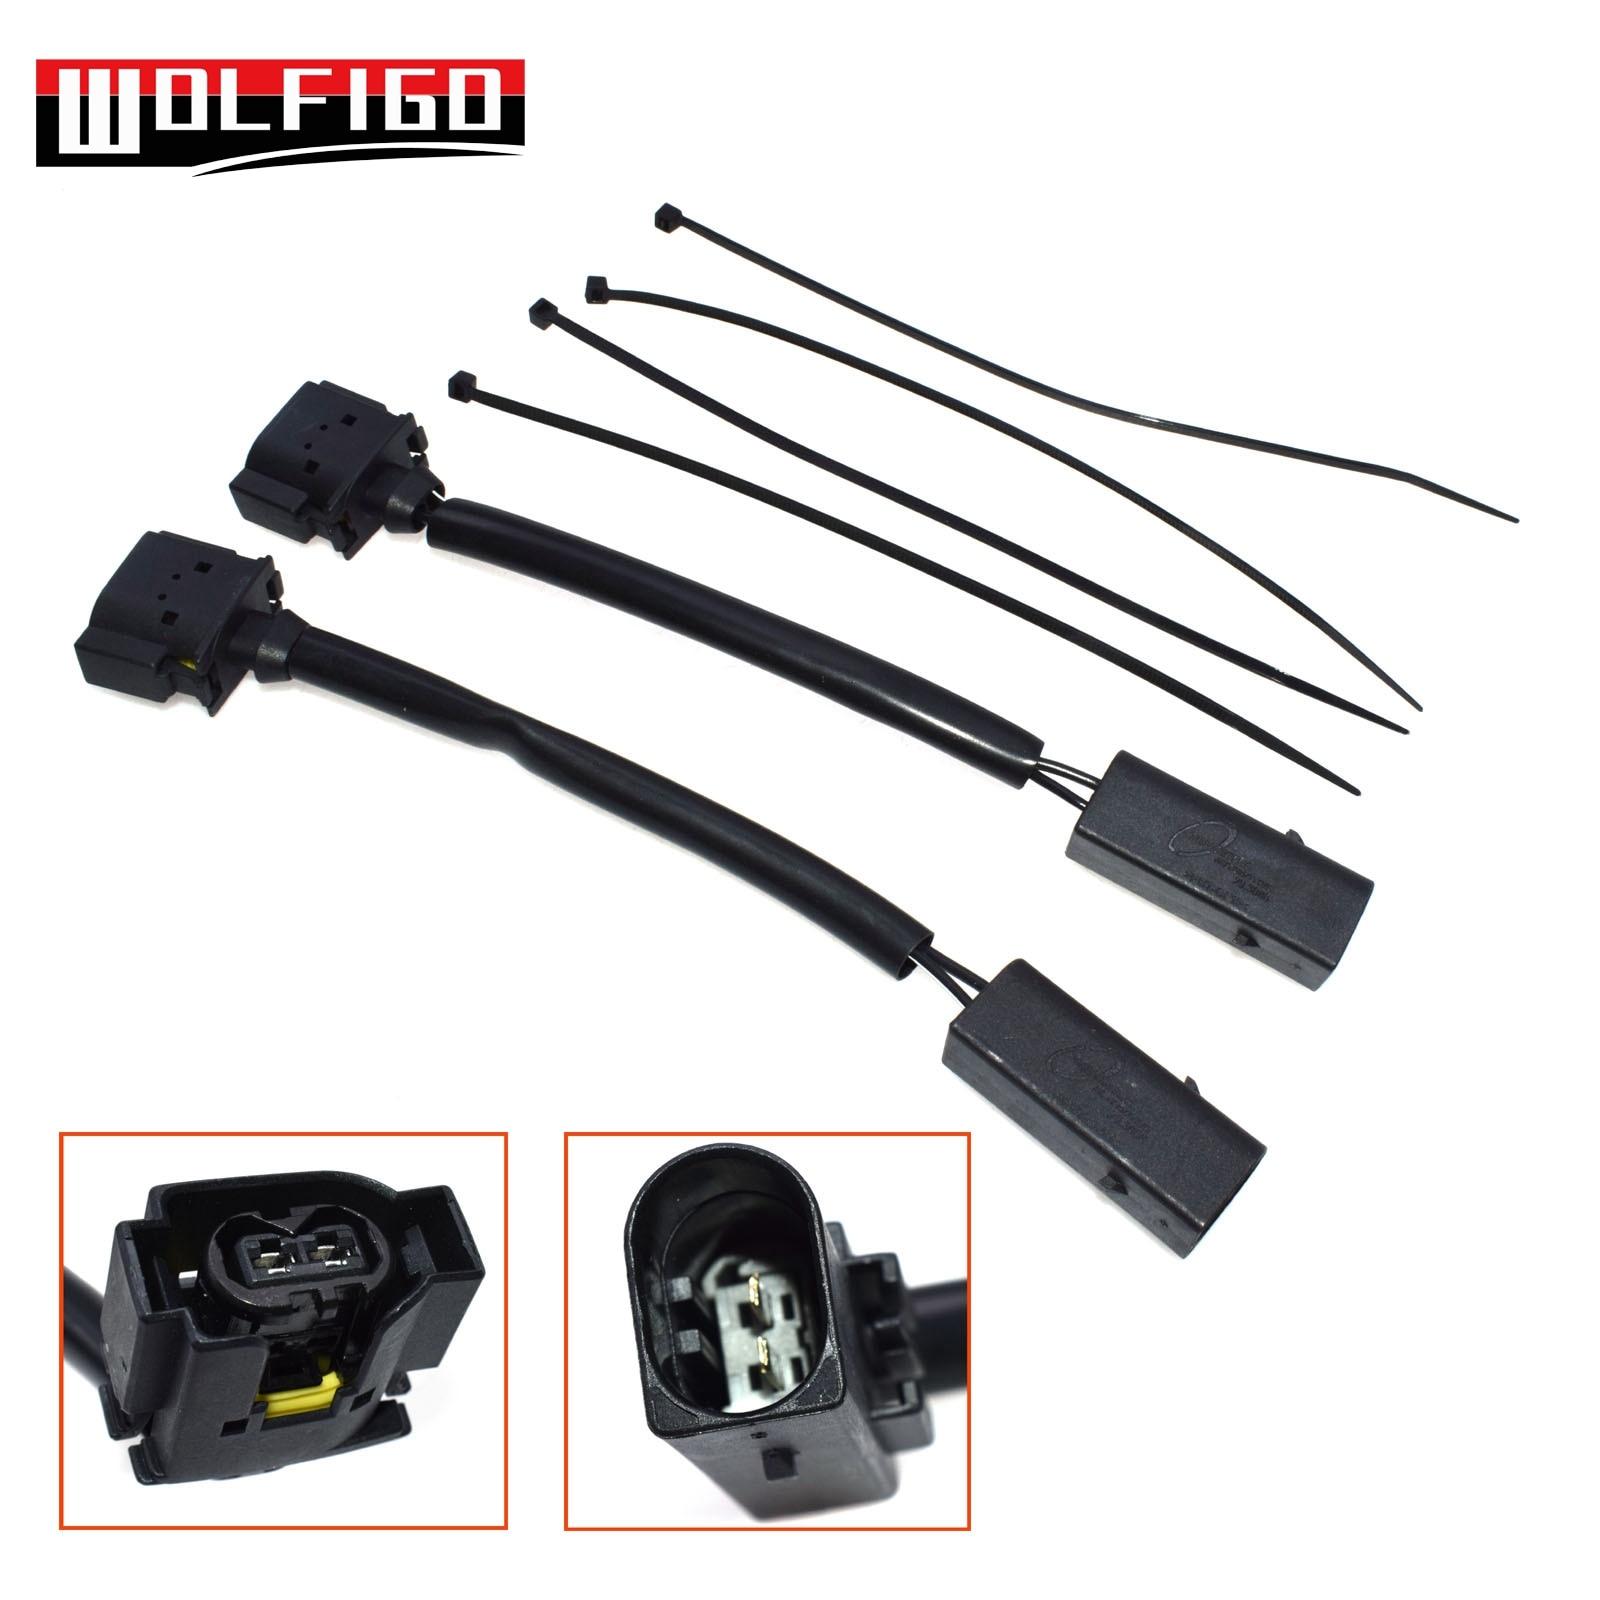 wolfigo 1 set 2 sets 10 sets camshaft adjuster magnet wiring harness for mercedes w203 c230 a2711502733 2711502733 1685452328 in crankshaft camshafts  [ 1600 x 1600 Pixel ]